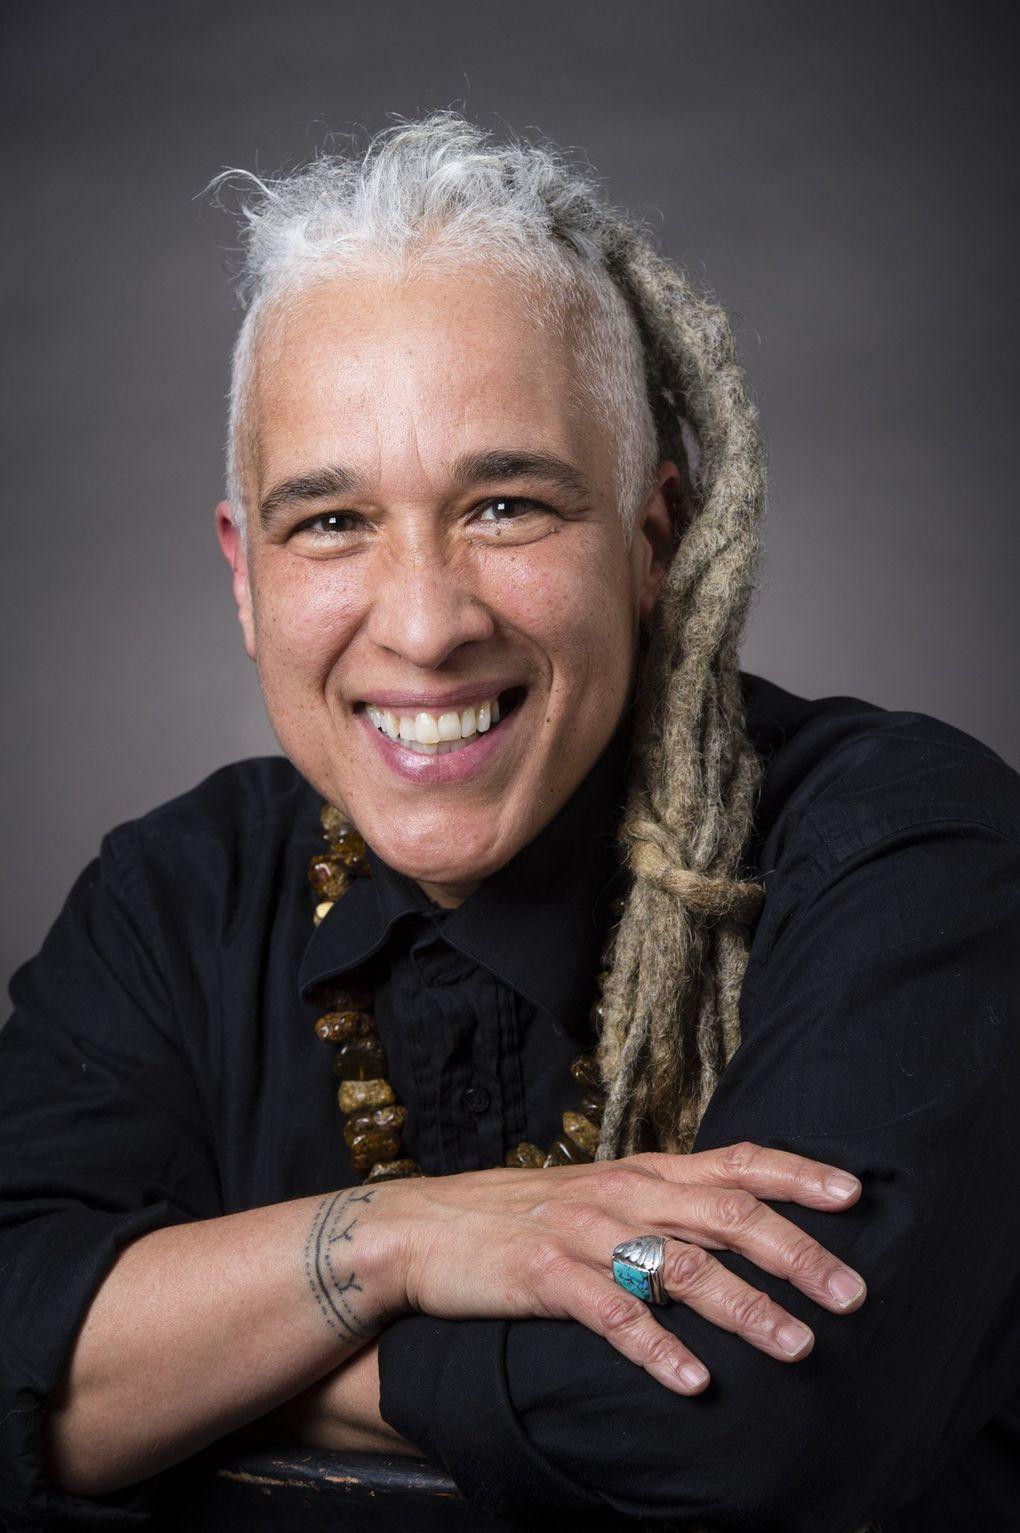 Multitalented artist, educator and writer Storme Webber (Banff Art Center)